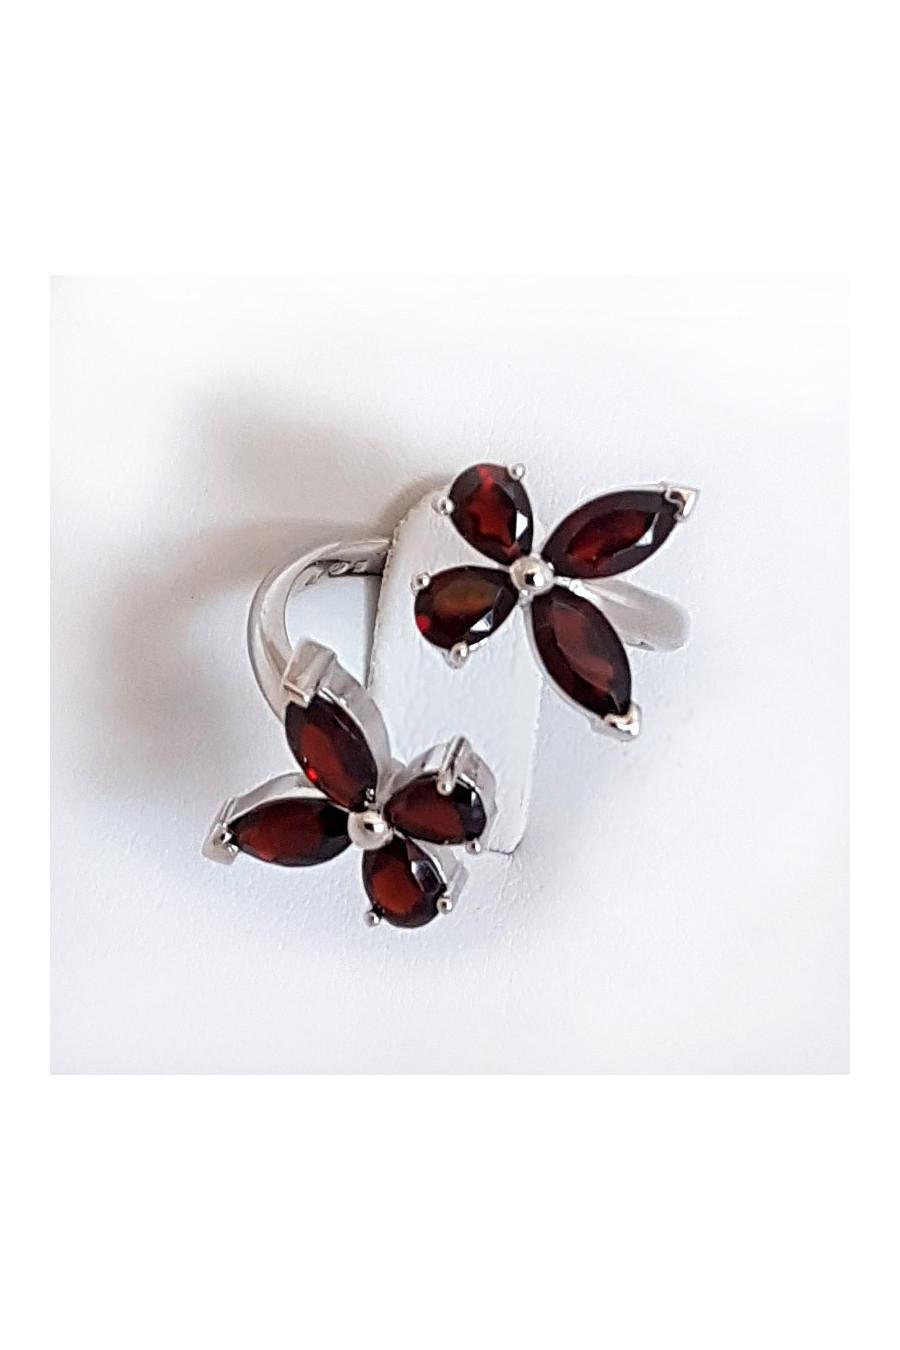 Silver ring, garnet butterflies